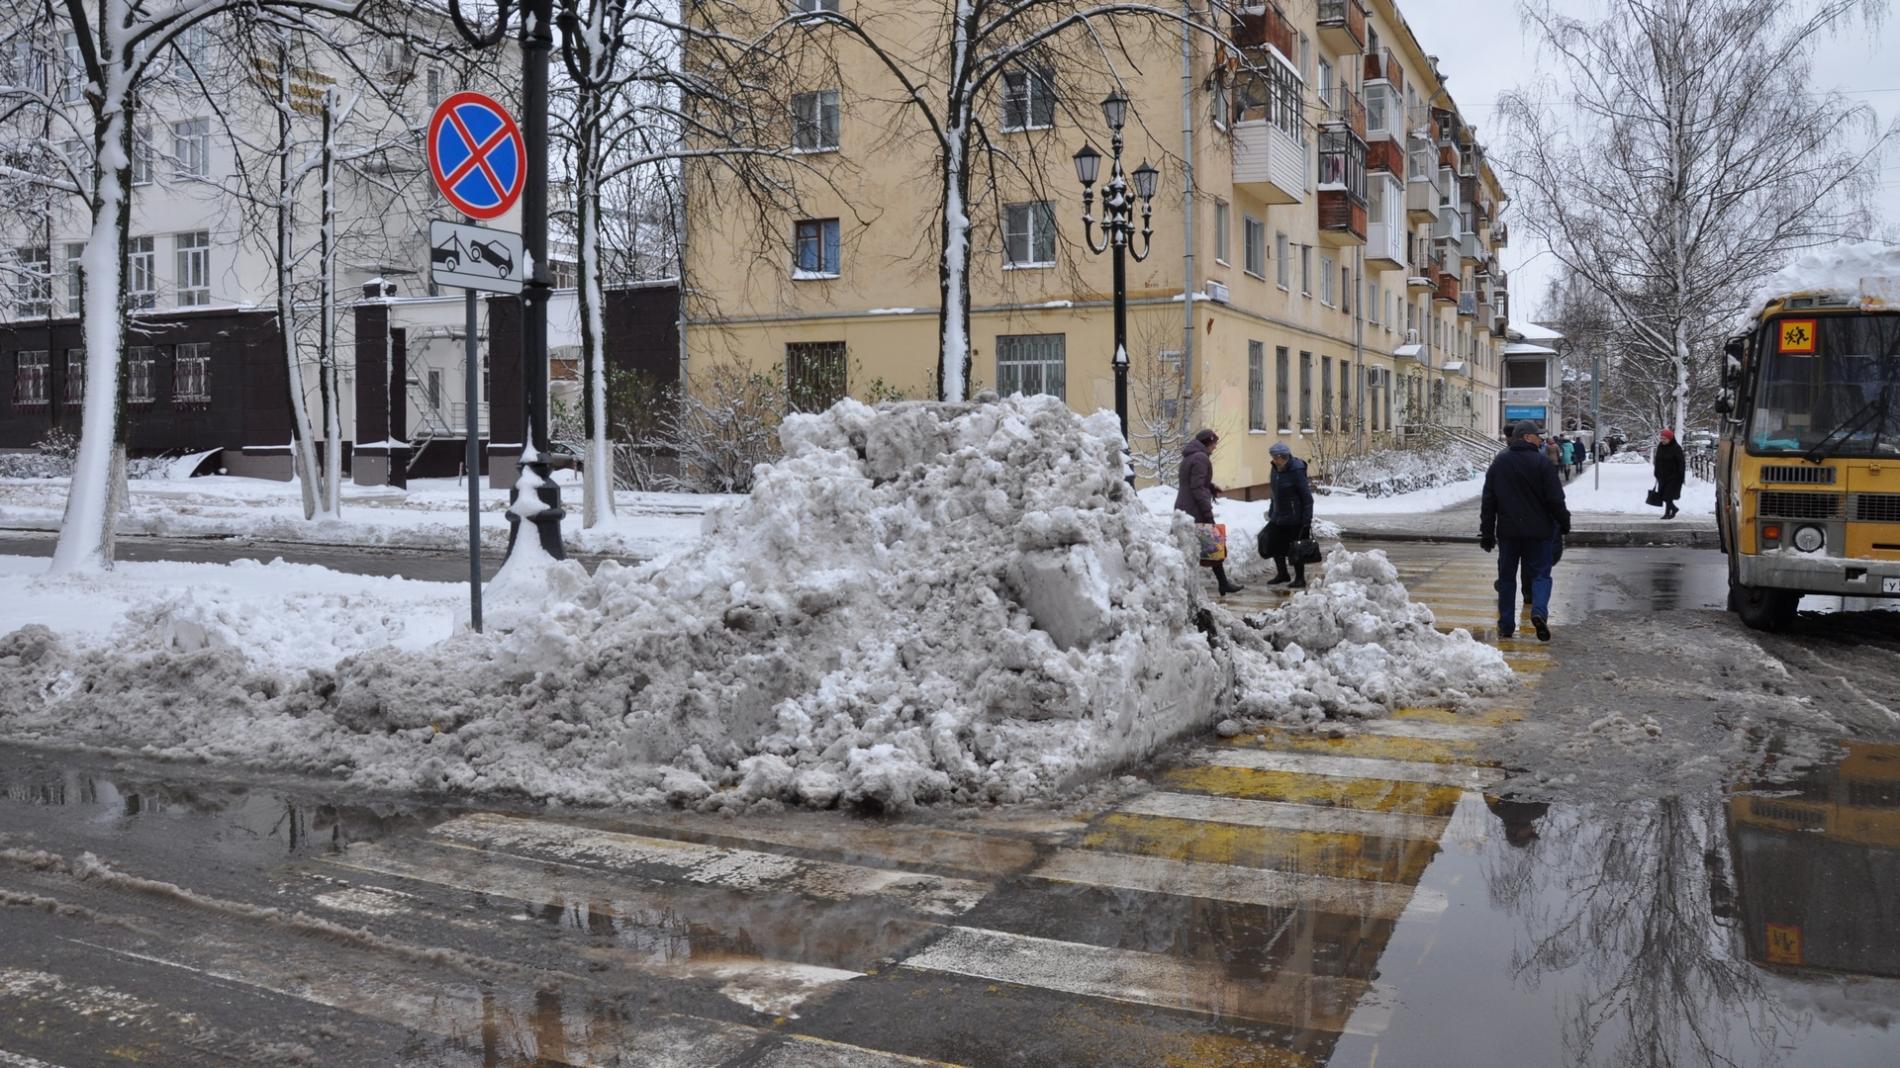 ВВологде подрядчика оштрафуют заплохую уборку снега